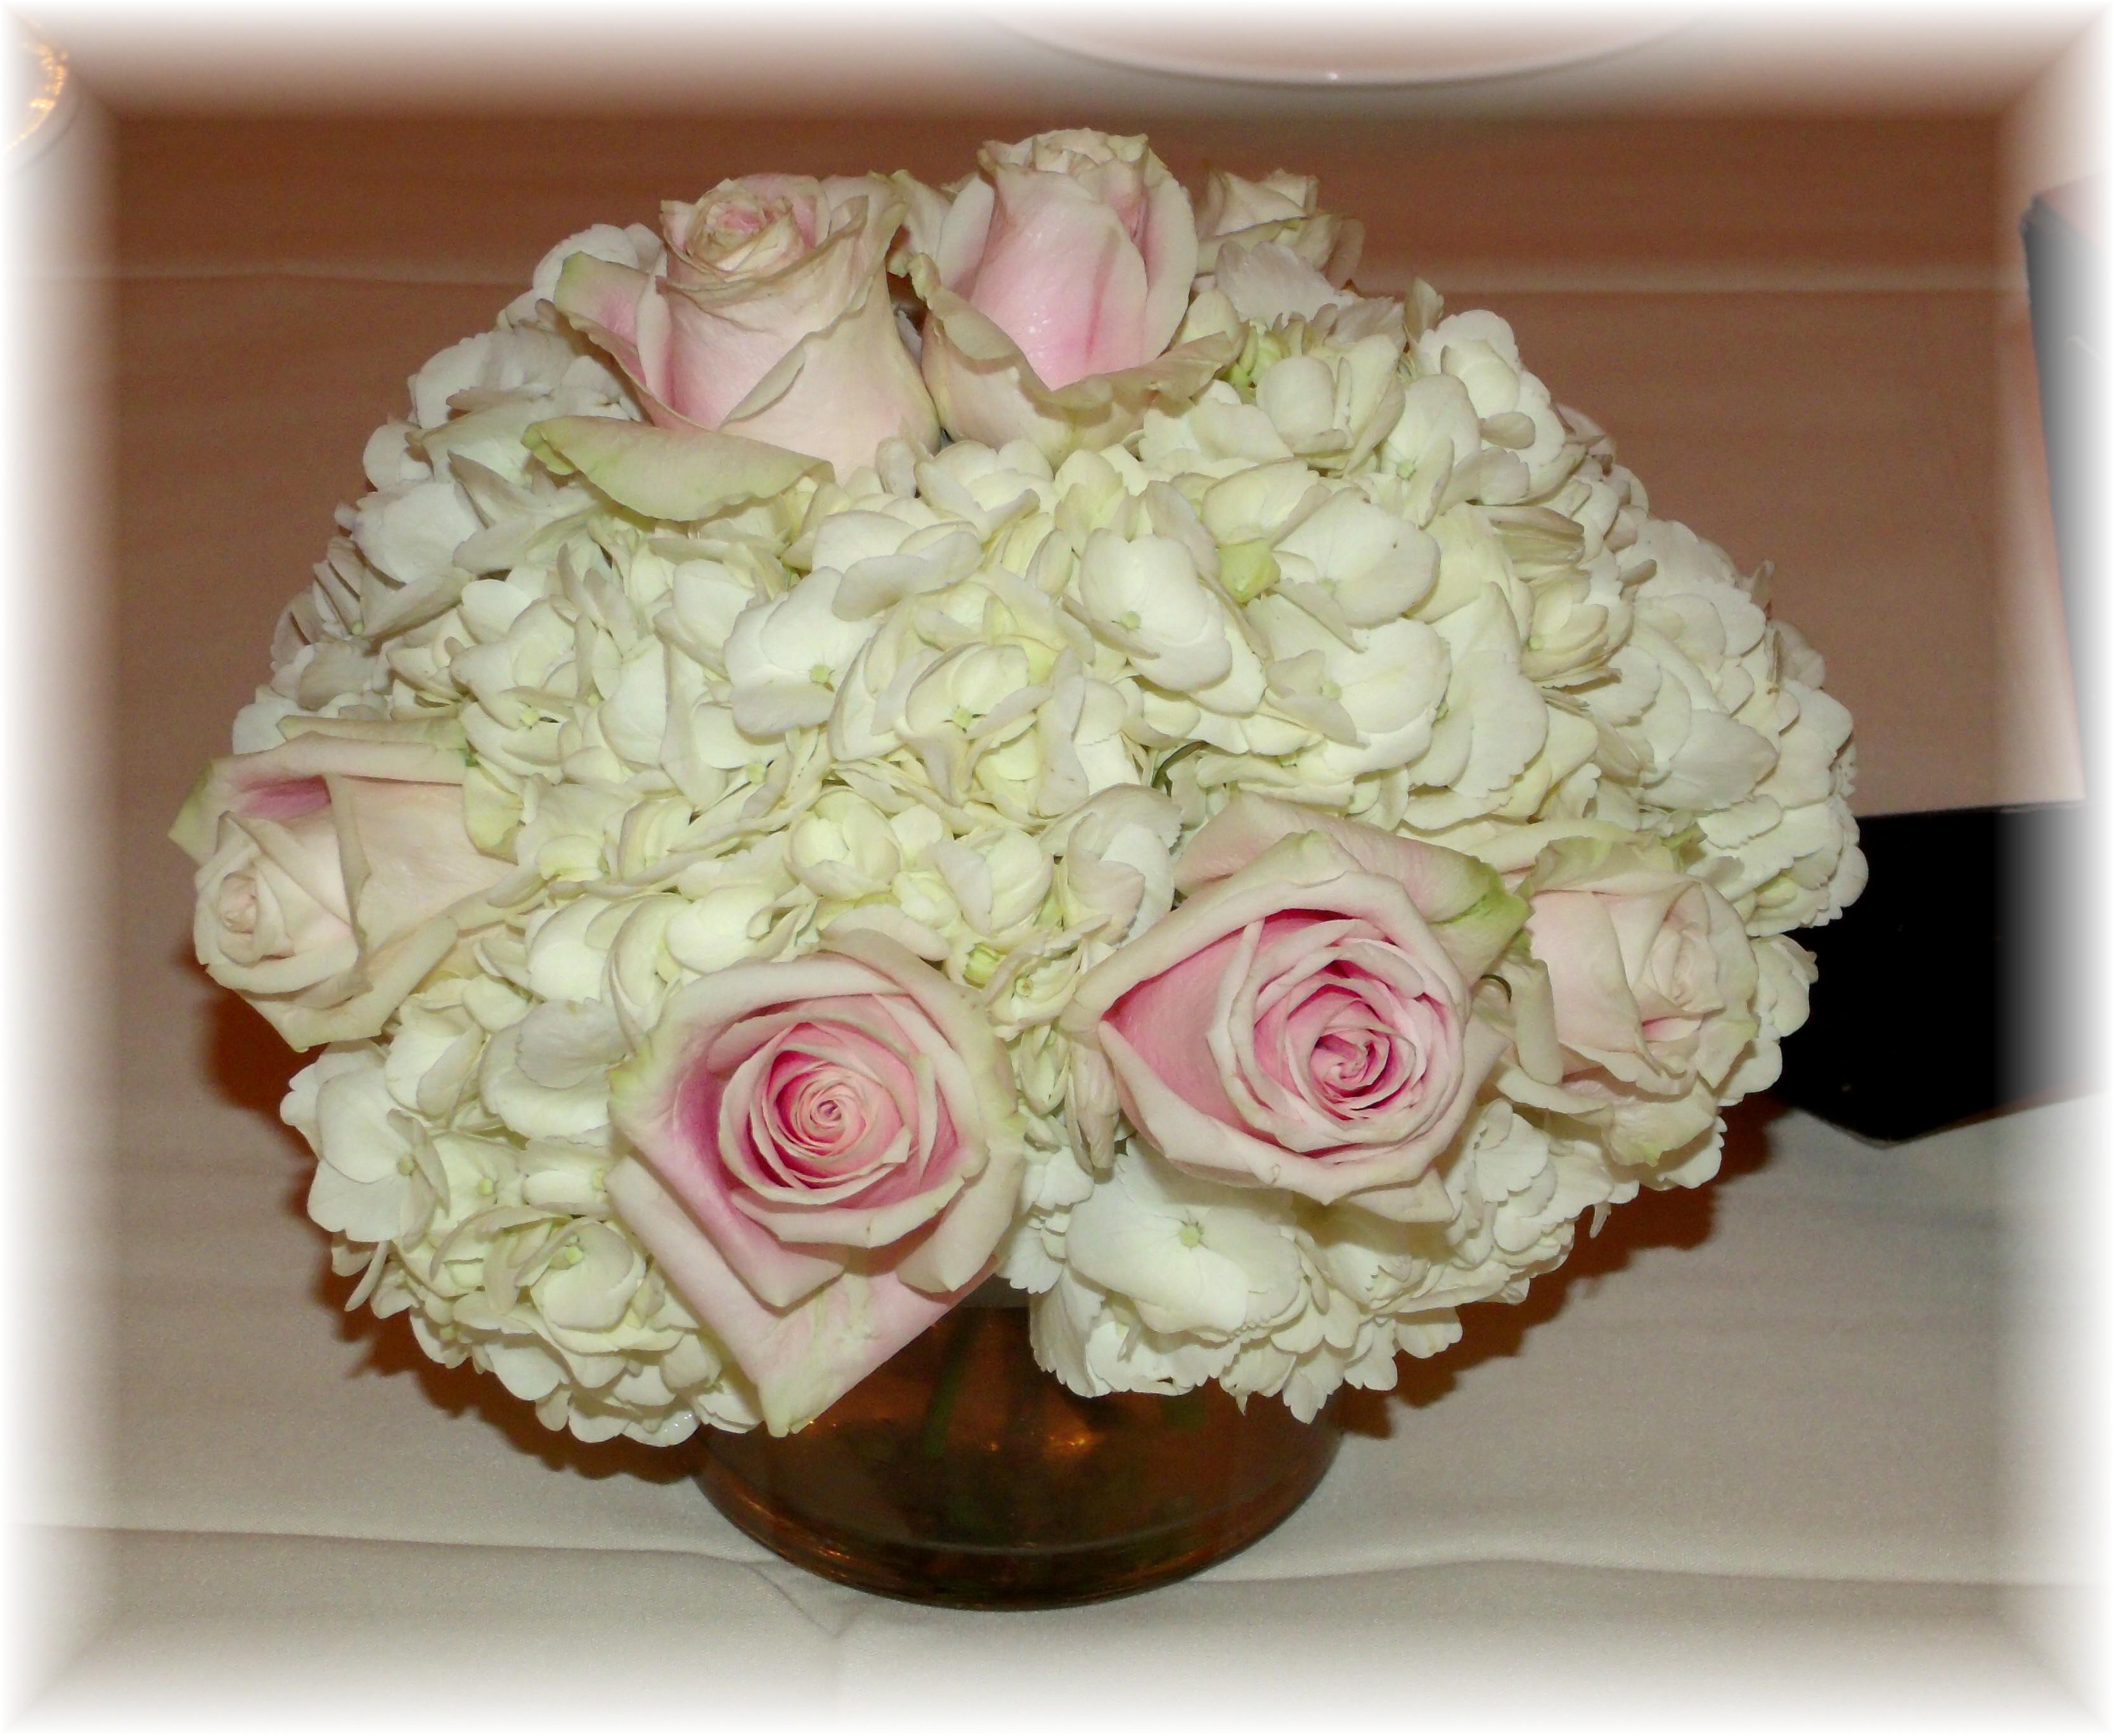 Hydrangea & Rose Centerpiece